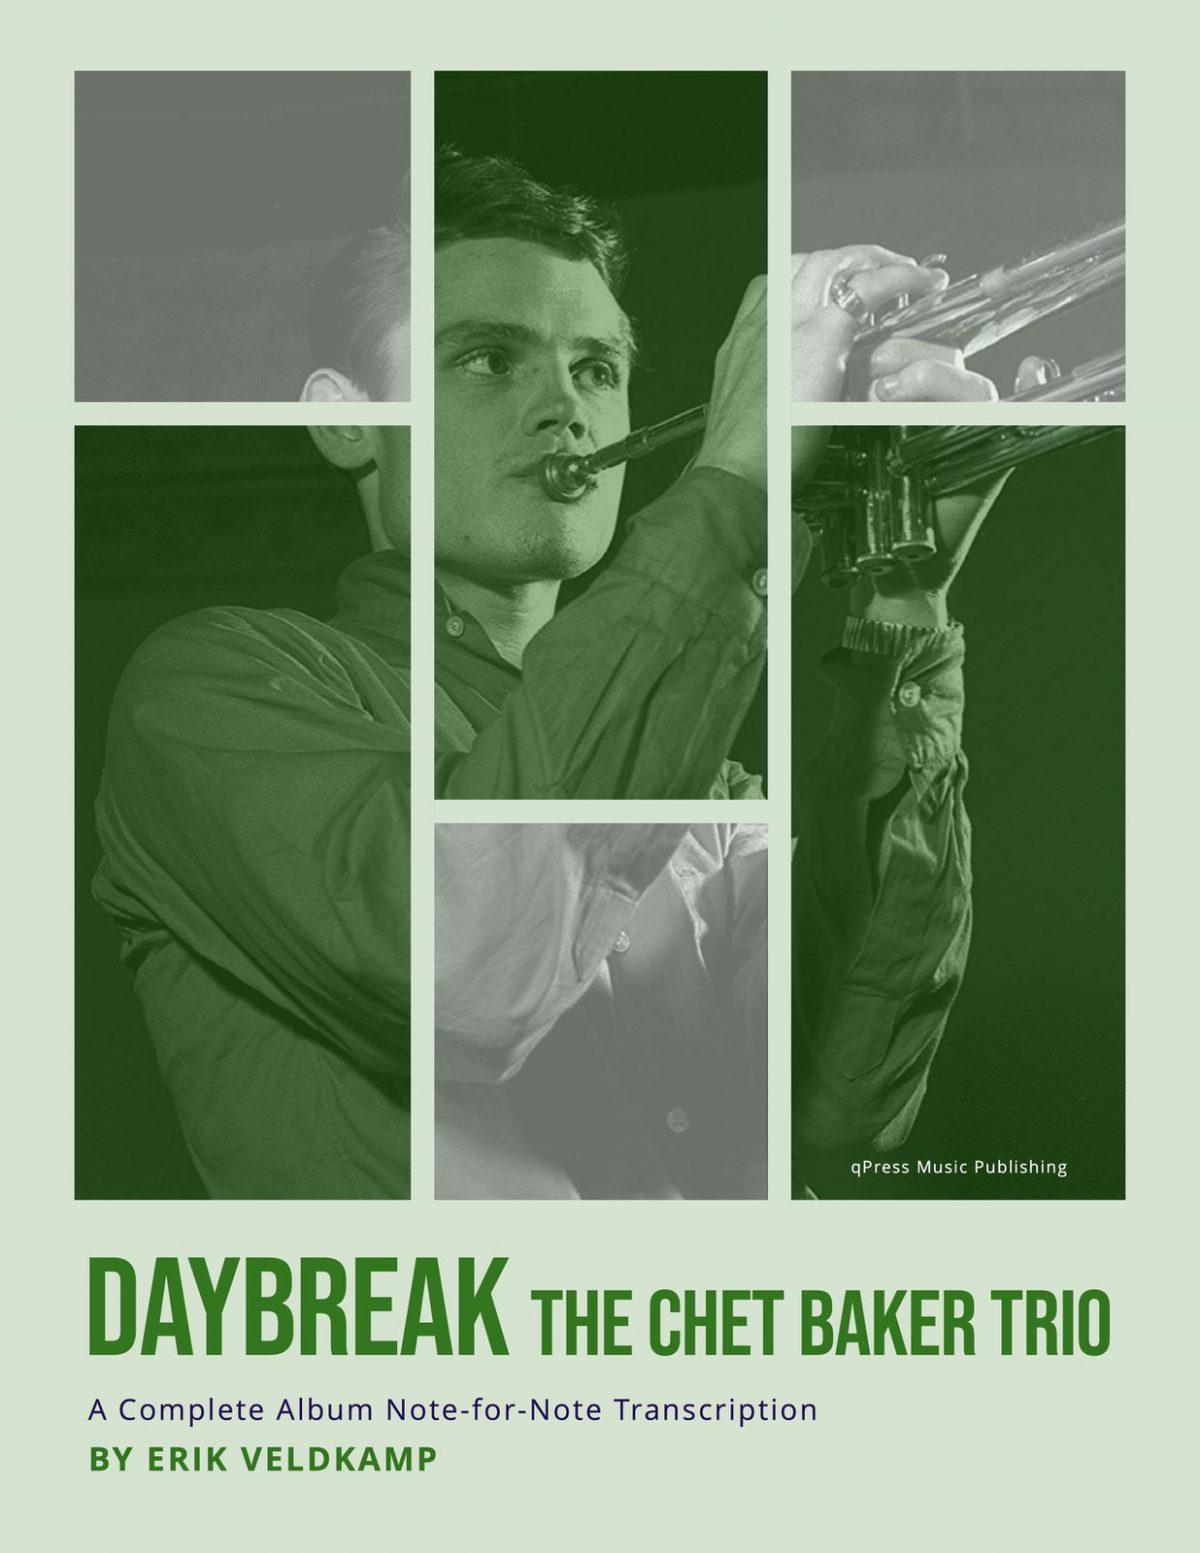 Baker, Daybreak-p01